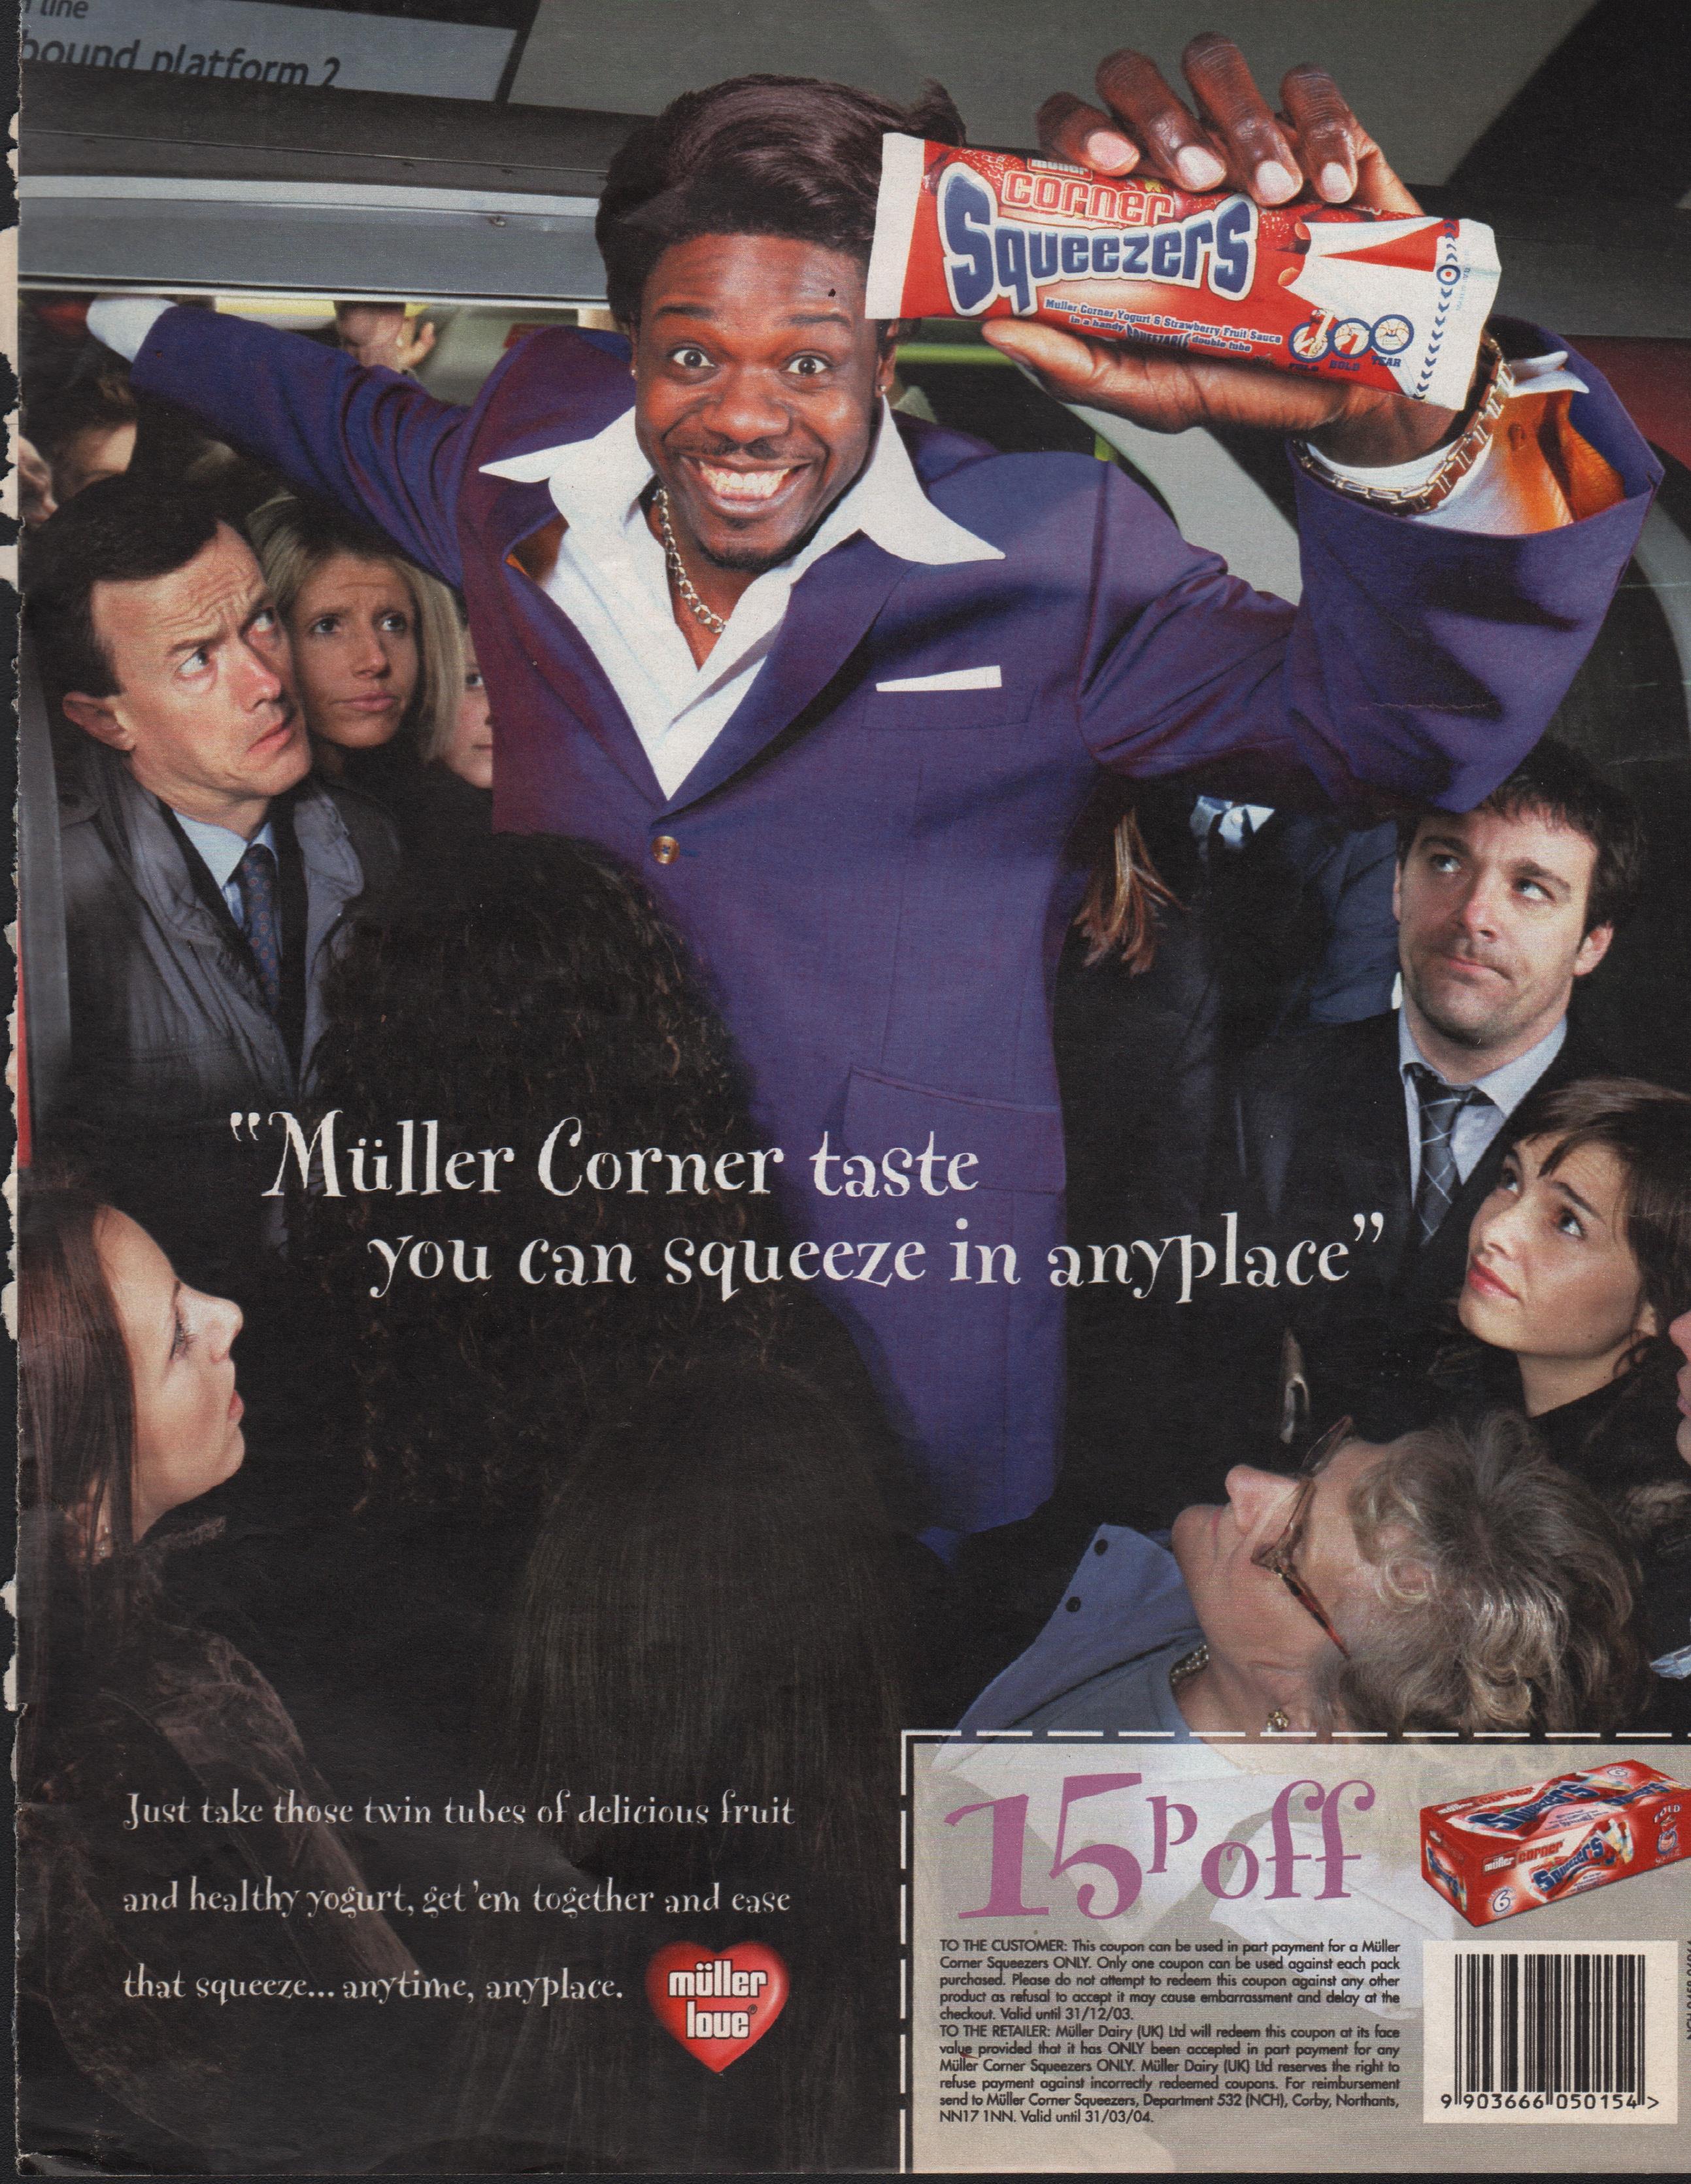 homme-couleur-afro-joyeux-publicite